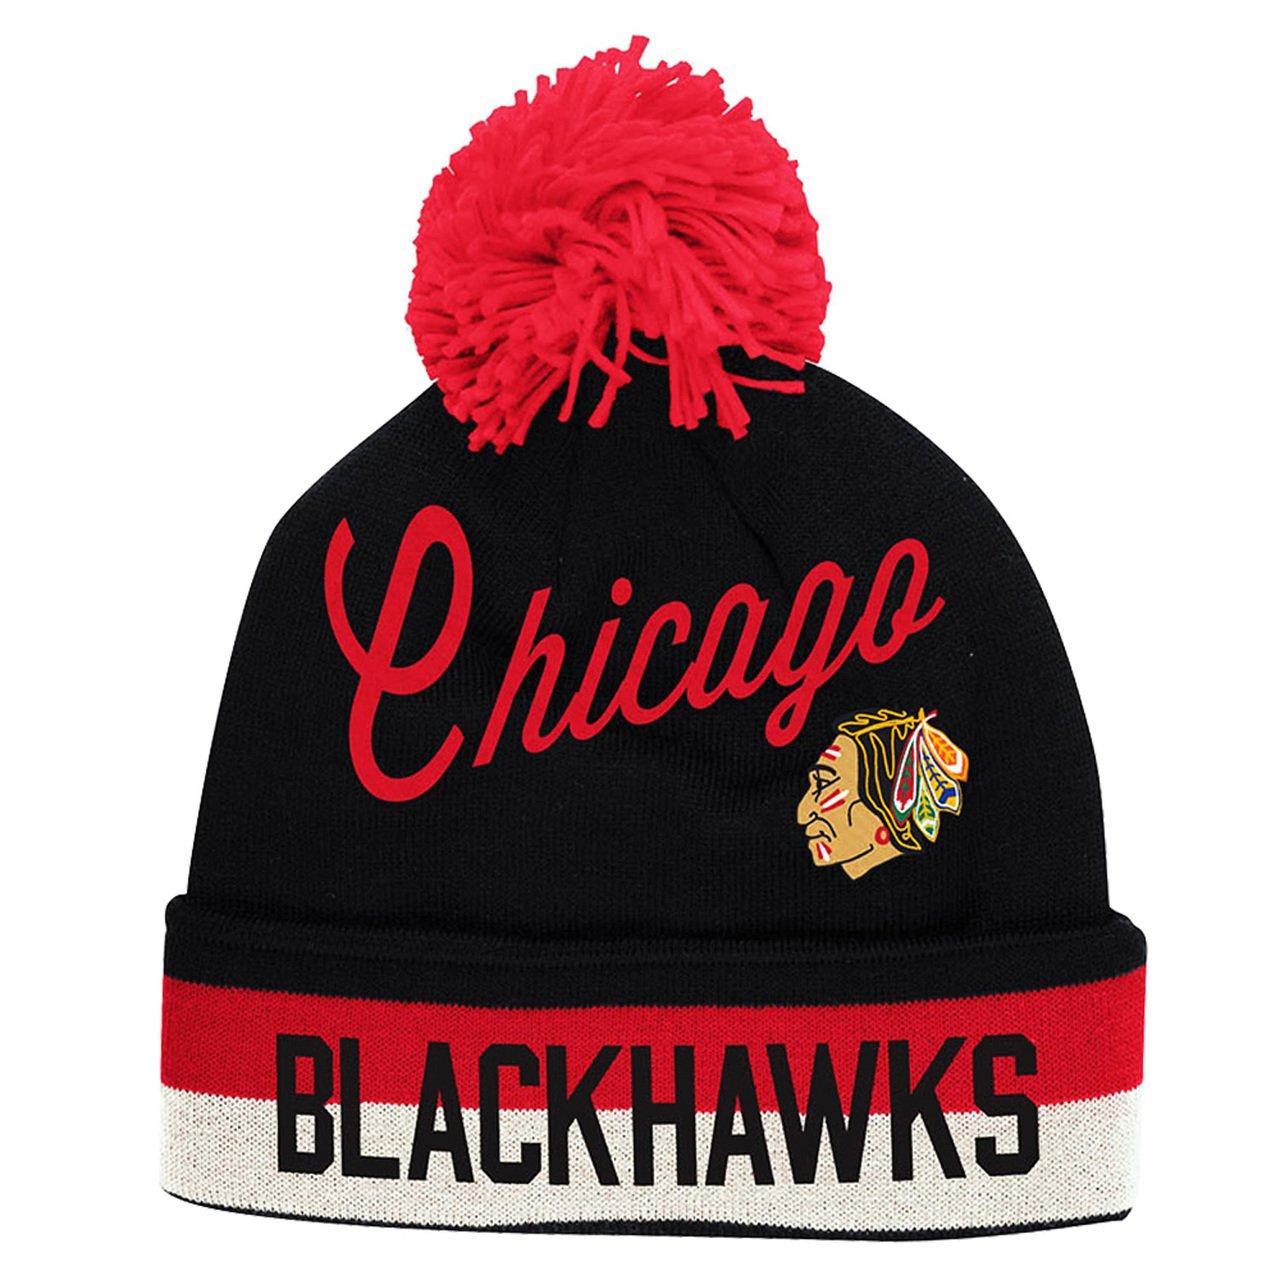 the best attitude f3f26 750b1 Amazon.com   Chicago Blackhawks CCM Throwback NHL Cuffed Pom Knit Beanie Hat    Cap   Clothing